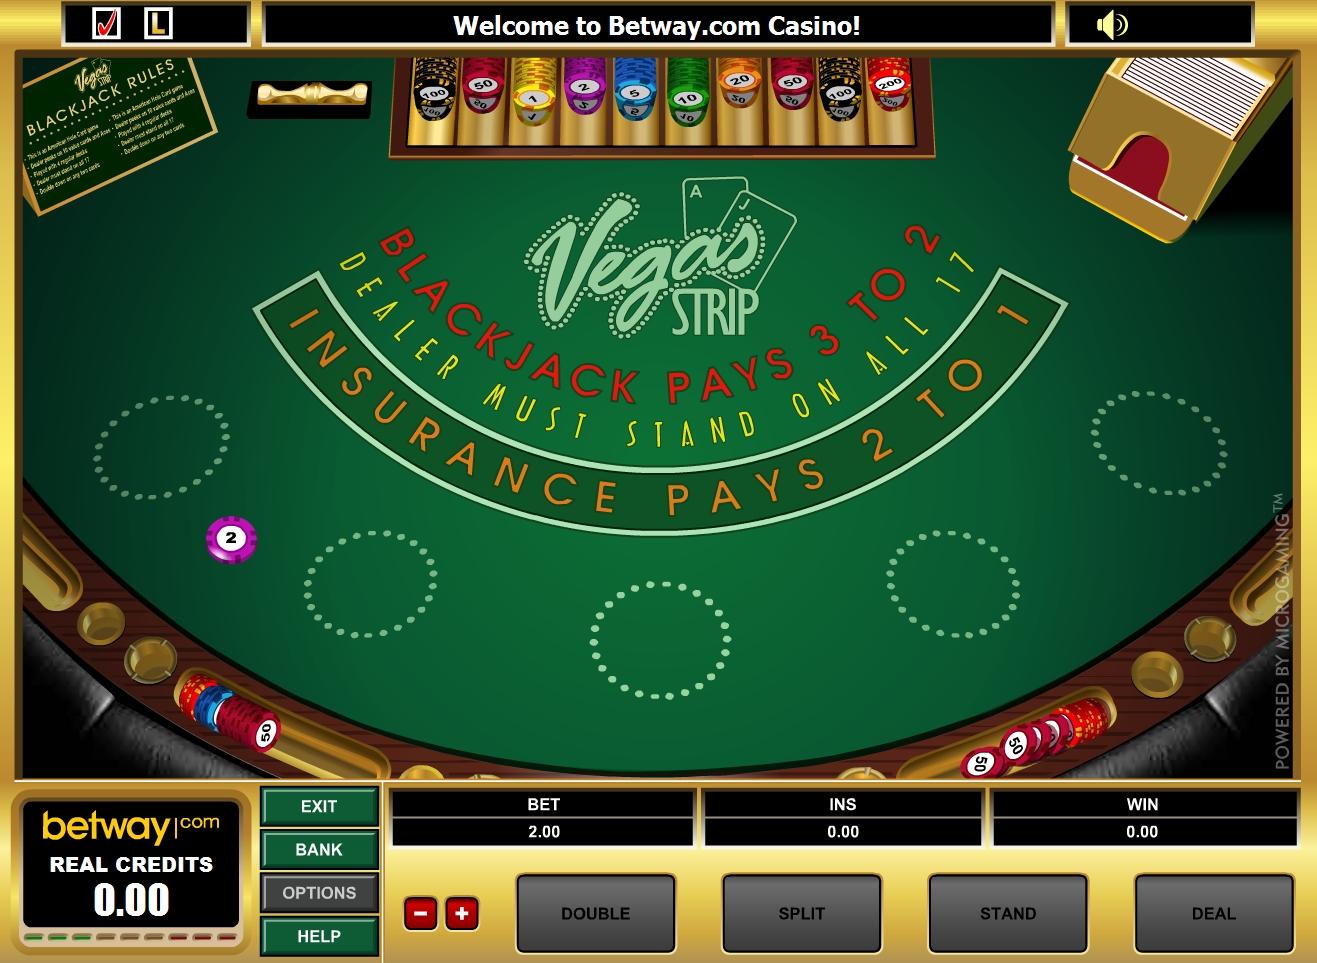 Betway opiniones casino Online Neteller - 29278